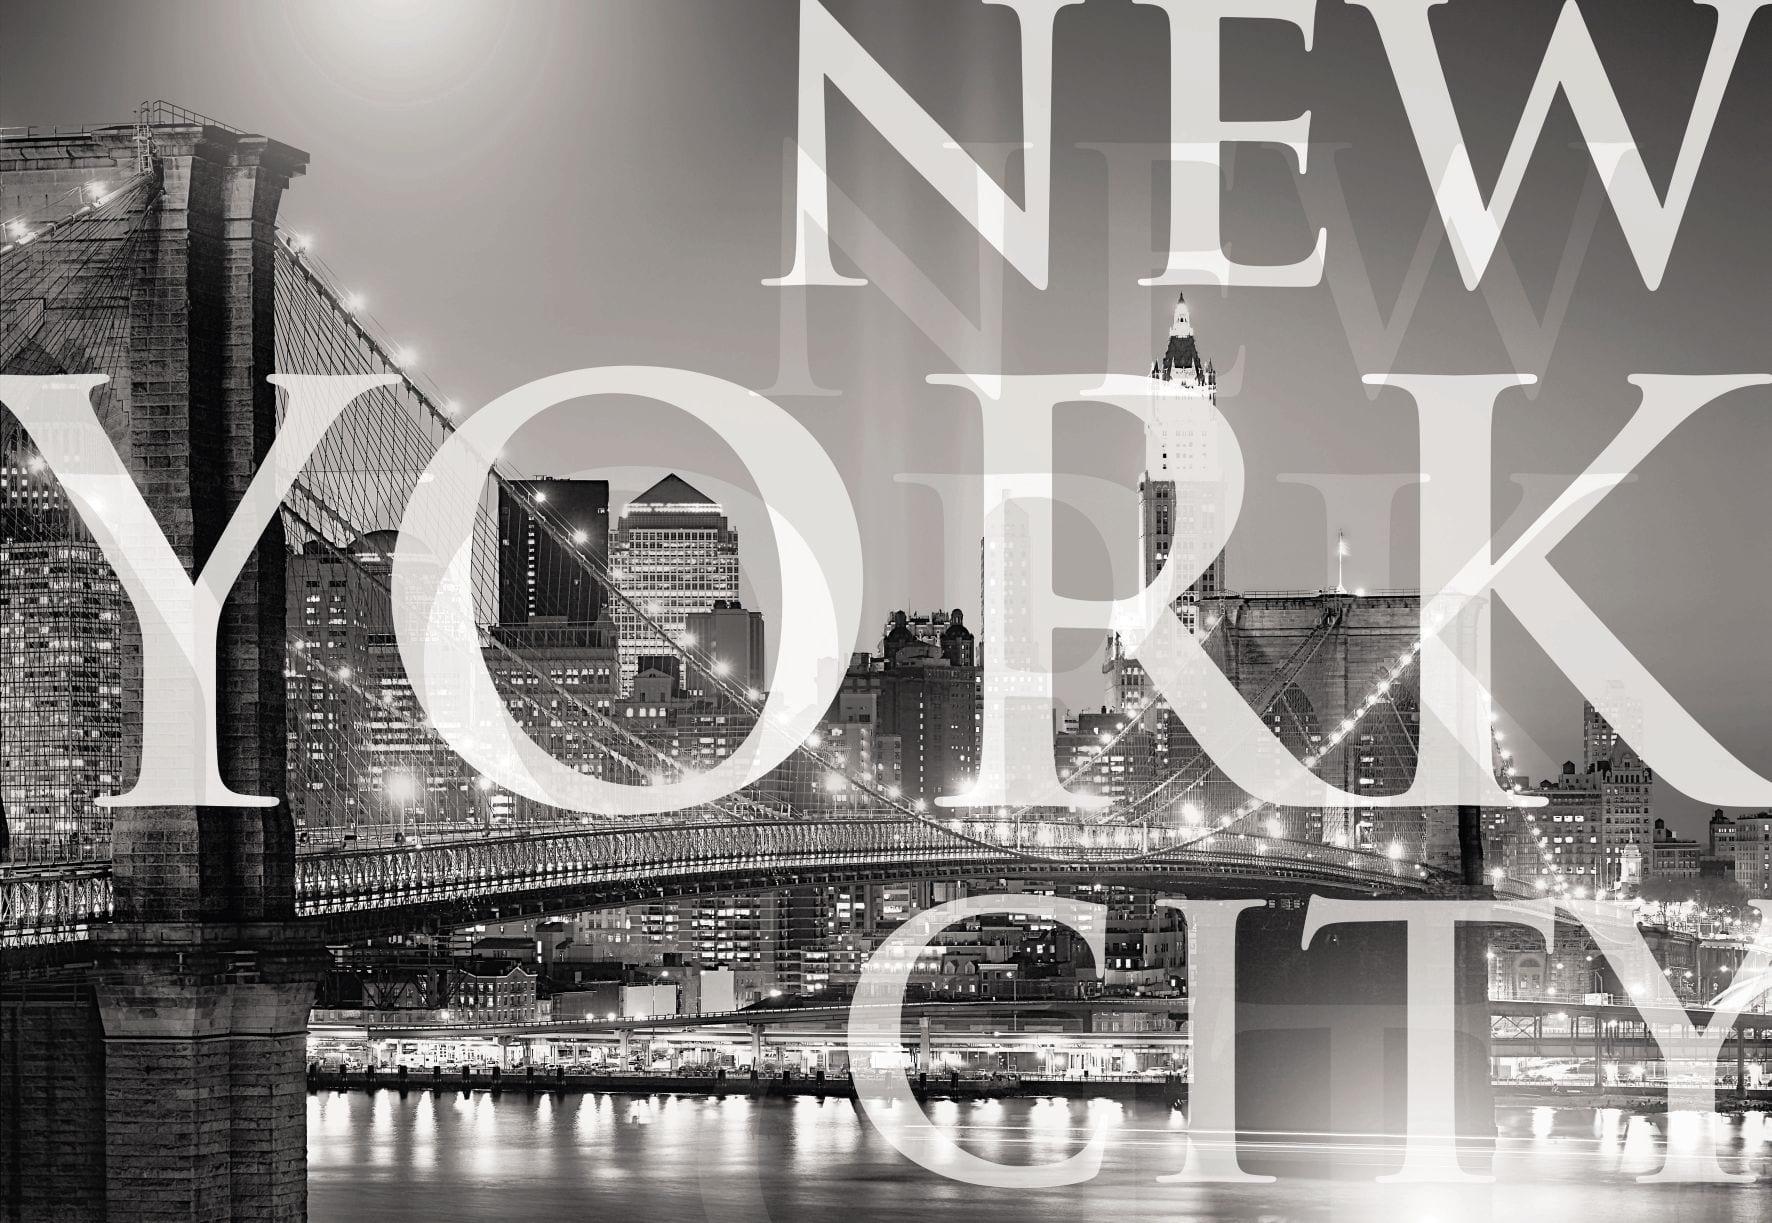 Fotomural Letras New York 1614 Komar